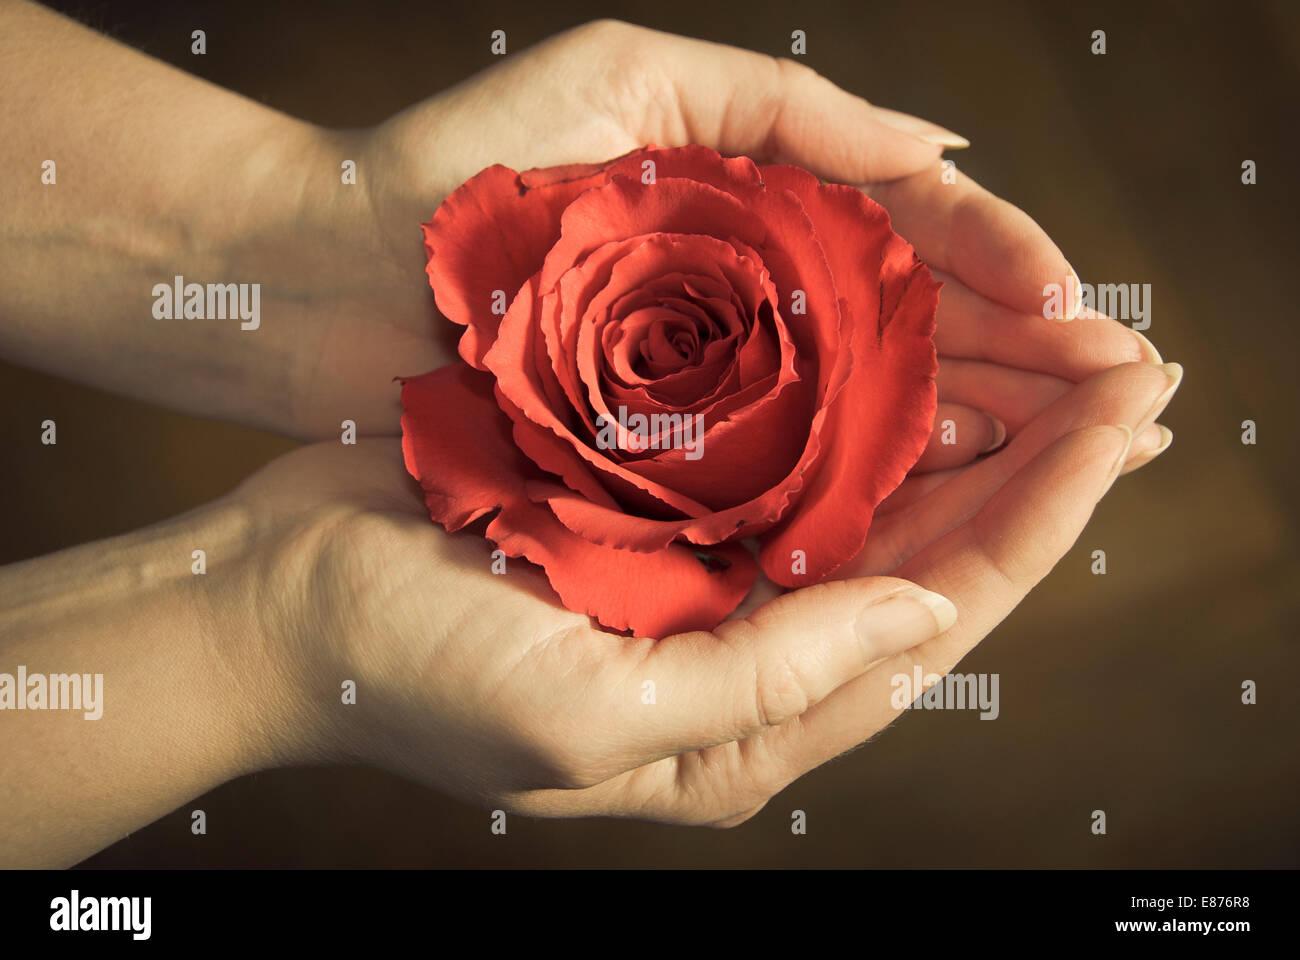 weibliche Hände halten eine rote rose Stockbild